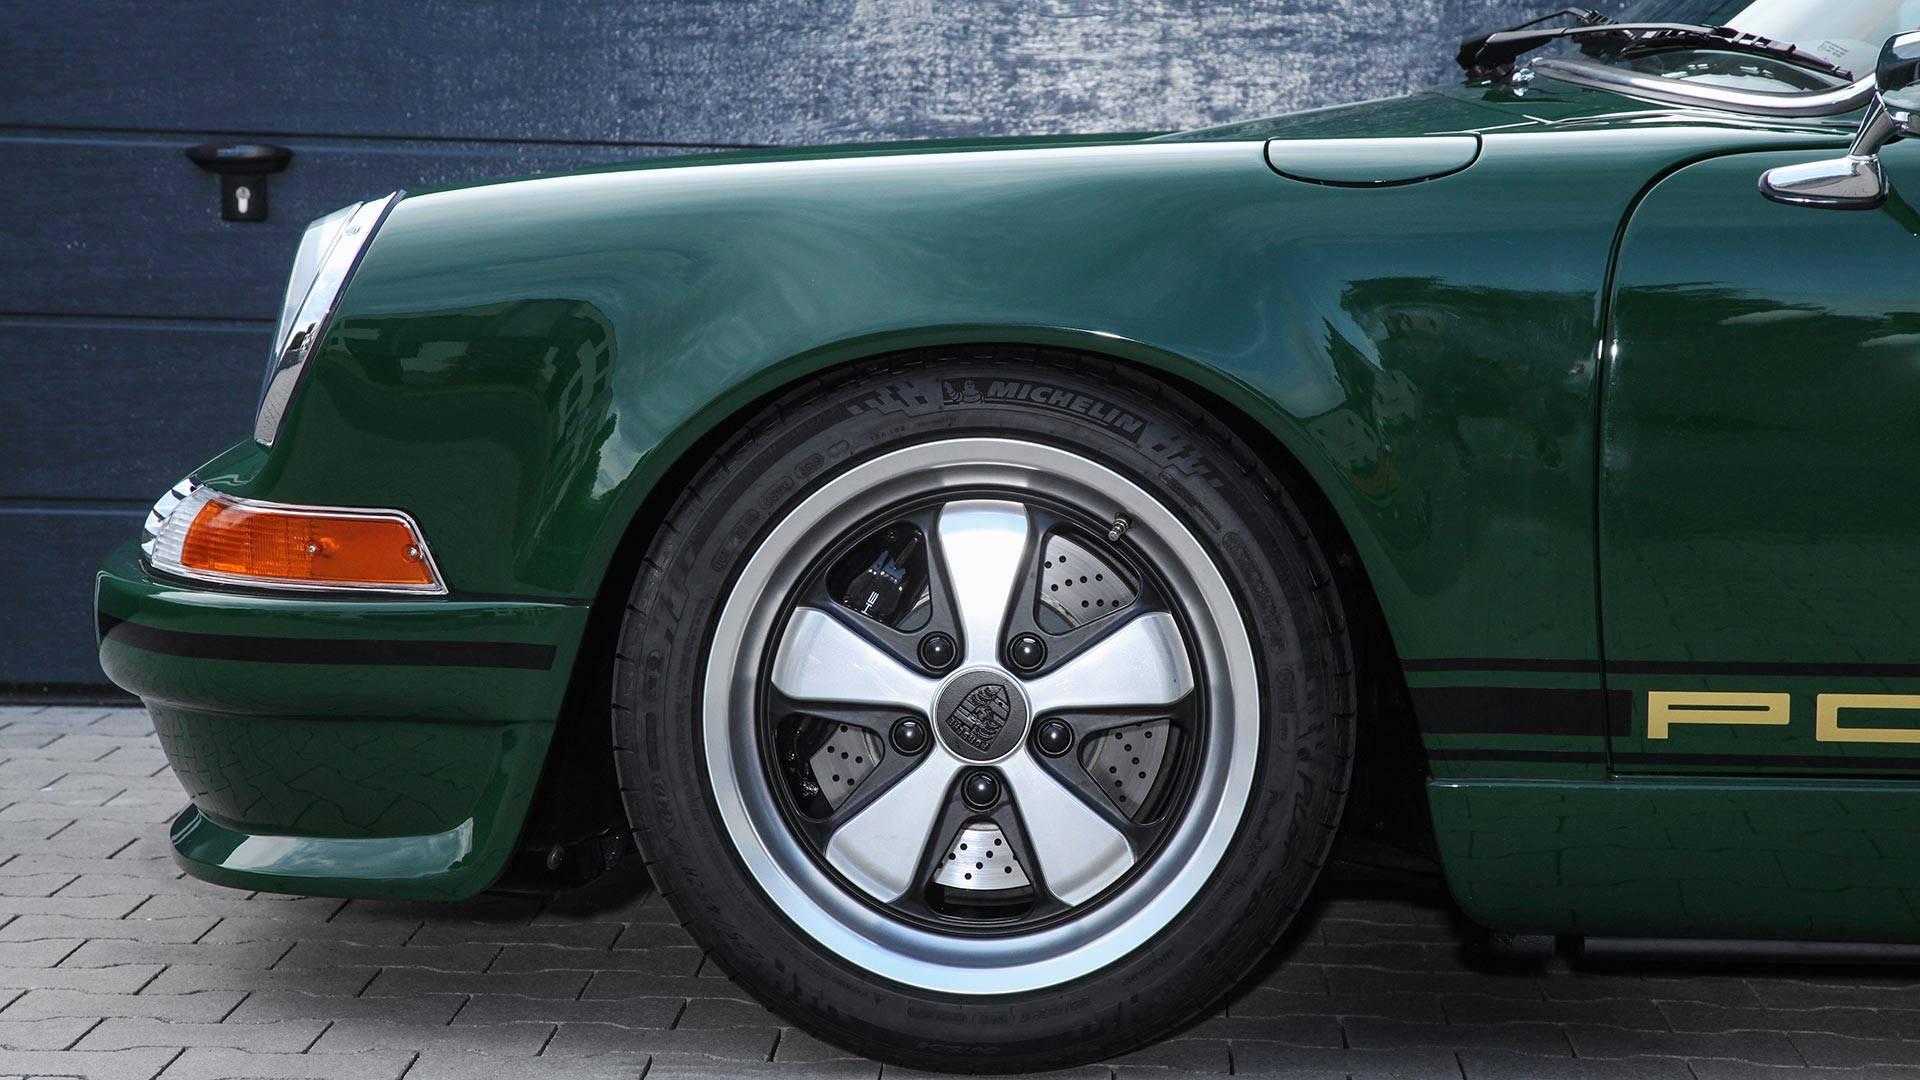 dp-motorsport-porsche-911-964 (5)